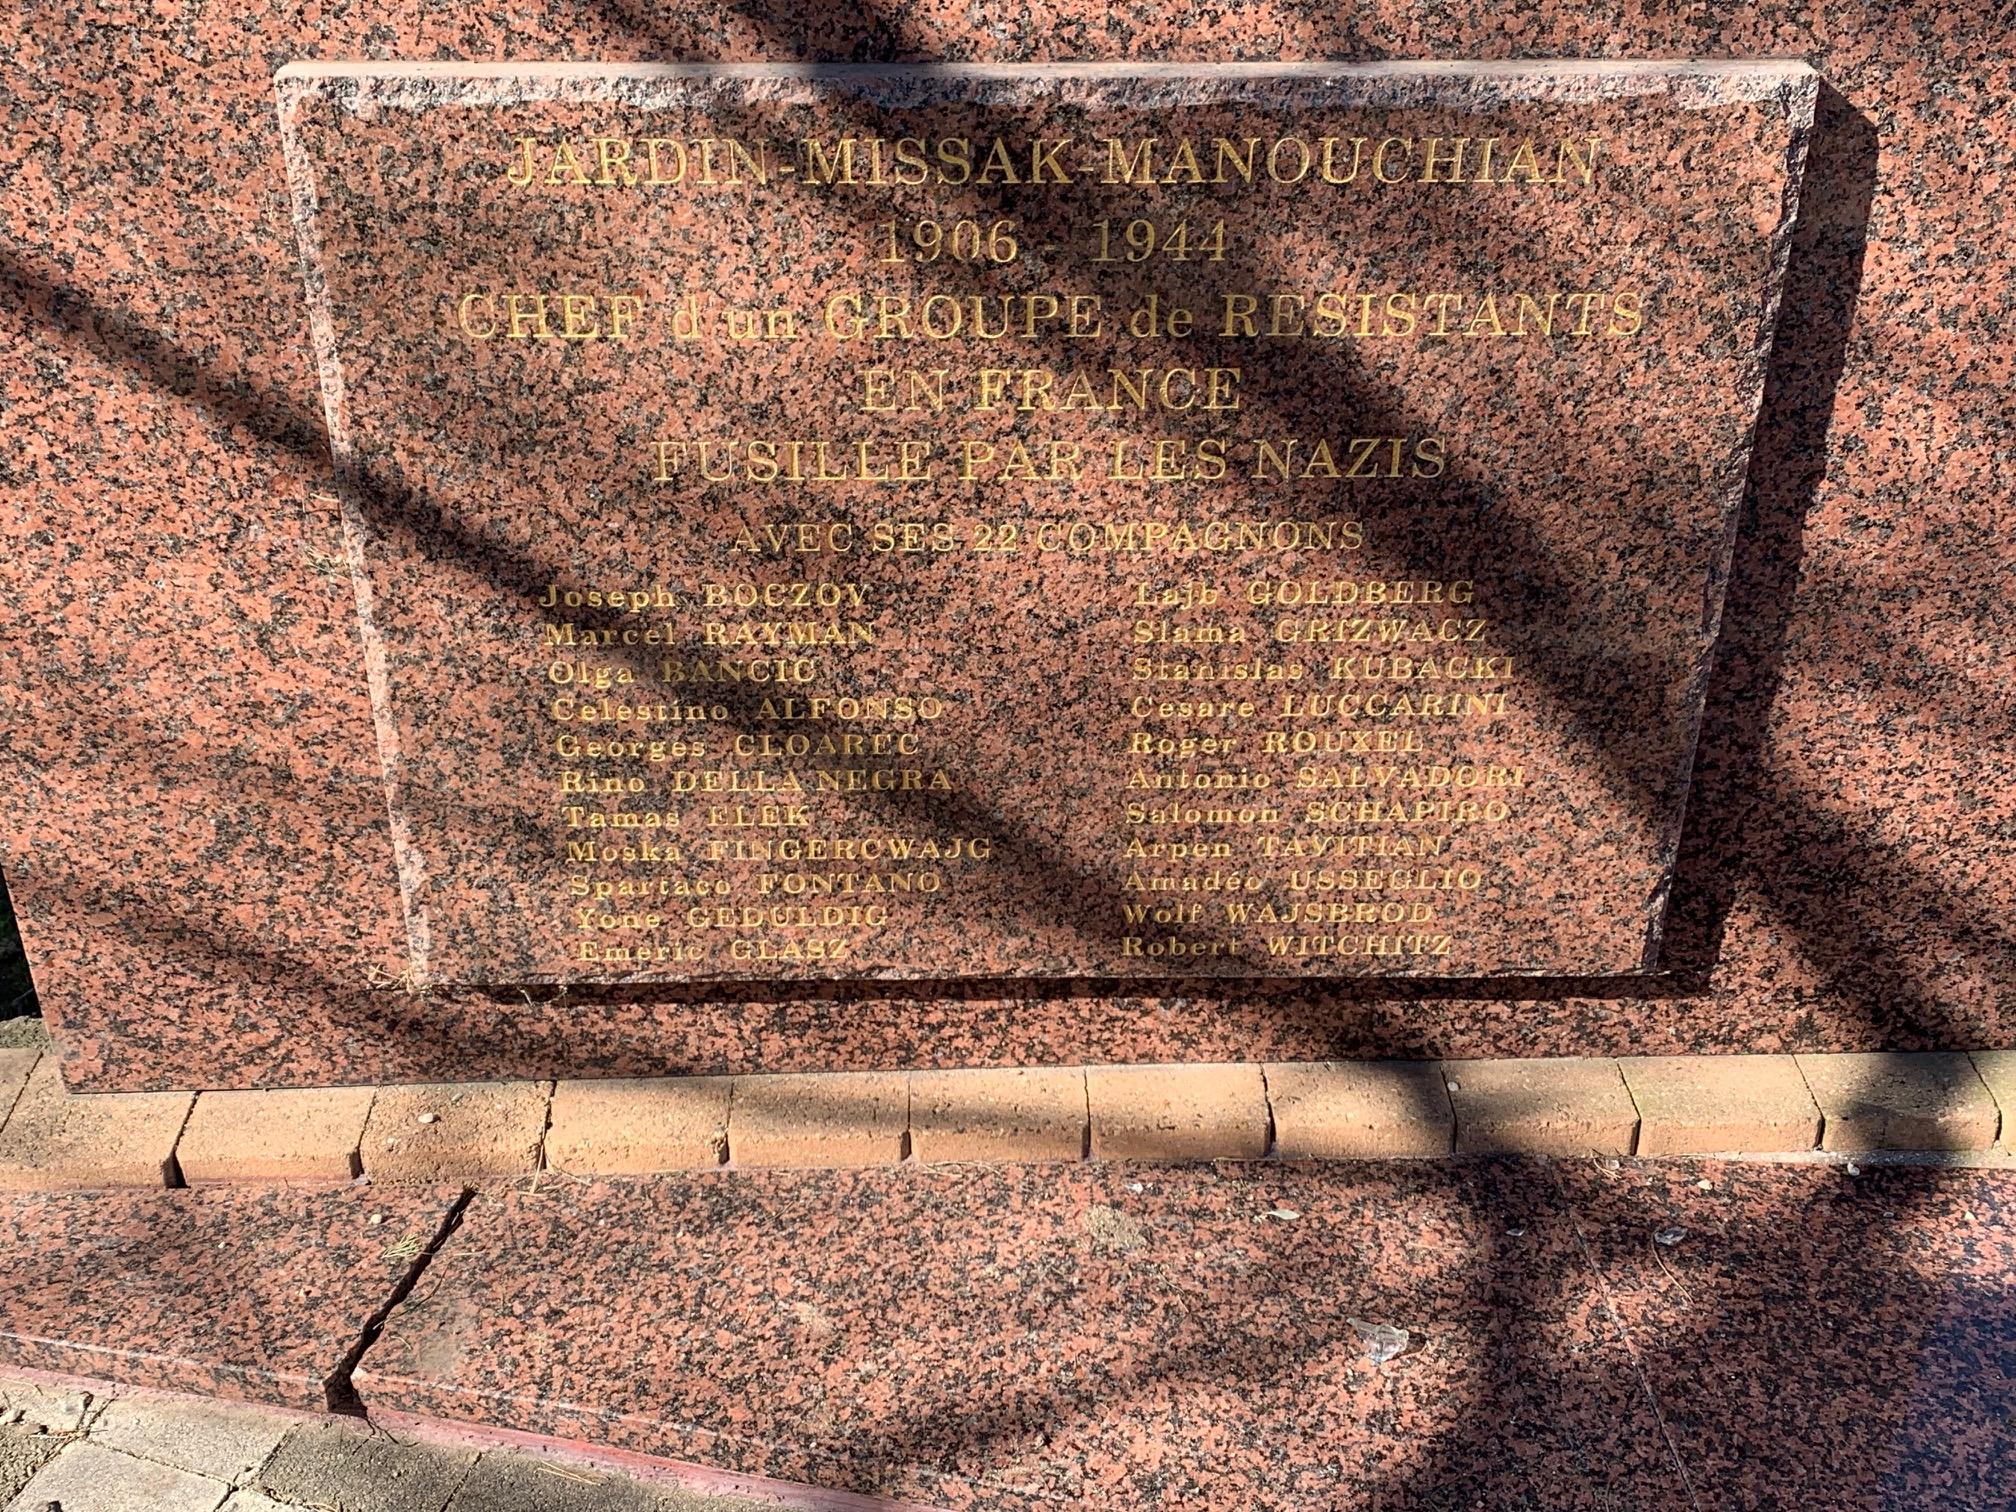 MISSAK MANOUCHIAN : Hommage à notre Camarade exécuté le 21 février 1944 avec 22 autres membres du groupe «Manouchian-Boczov» que le poète Louis Aragon immortalisera par l'Affiche Rouge.